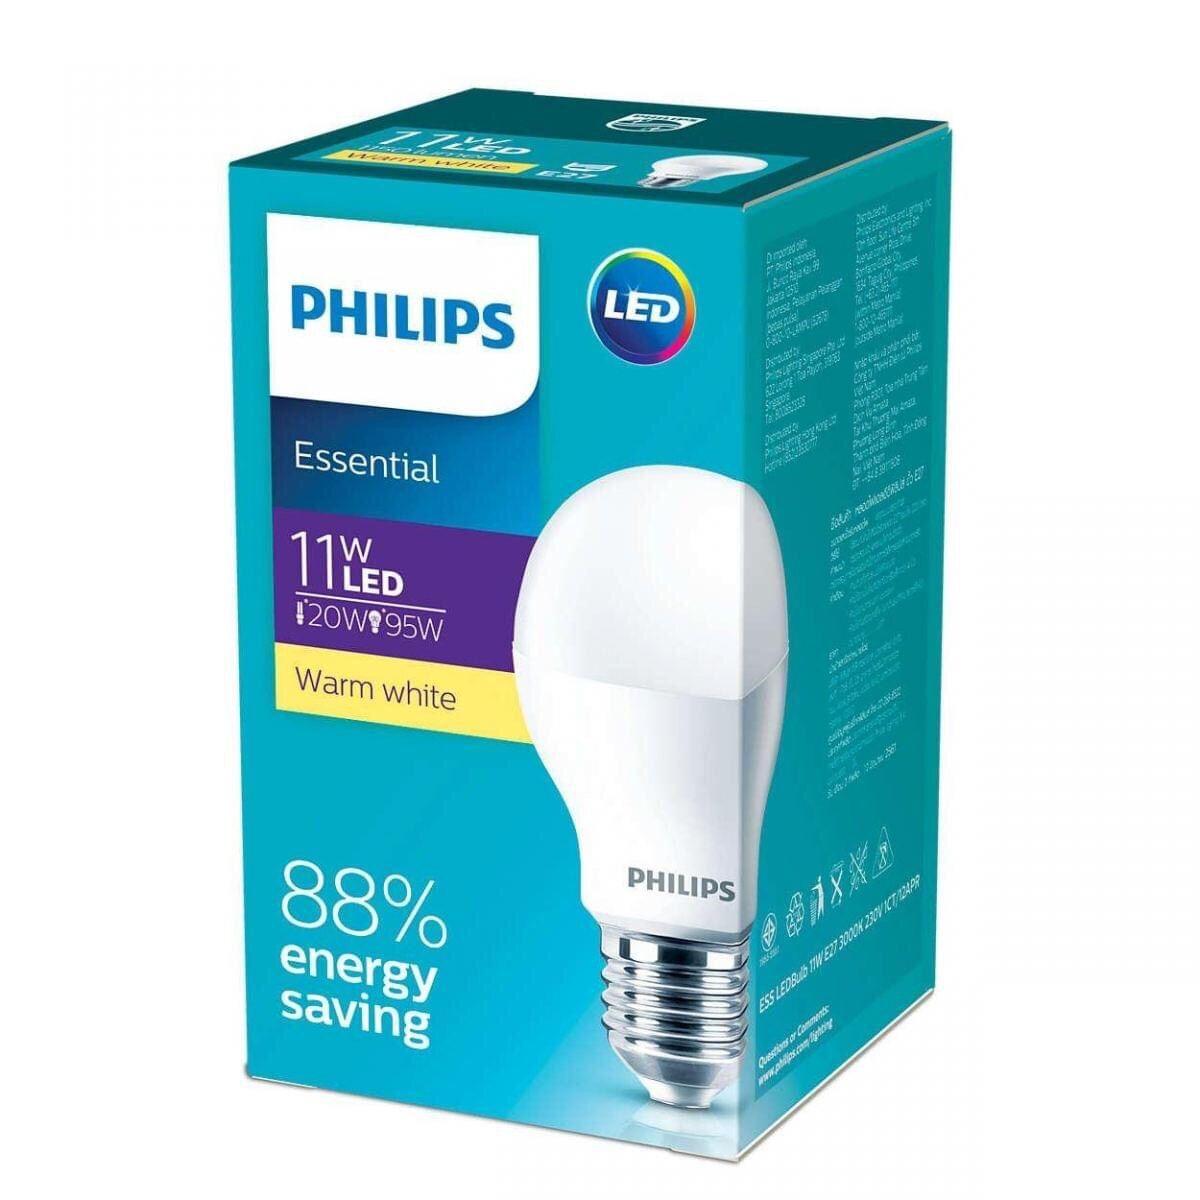 Bóng đèn LED Bulb Essential công suất 5w 7w 9w 11w 13w đui E27 loại rẻ tiền  Philips chính hãng 